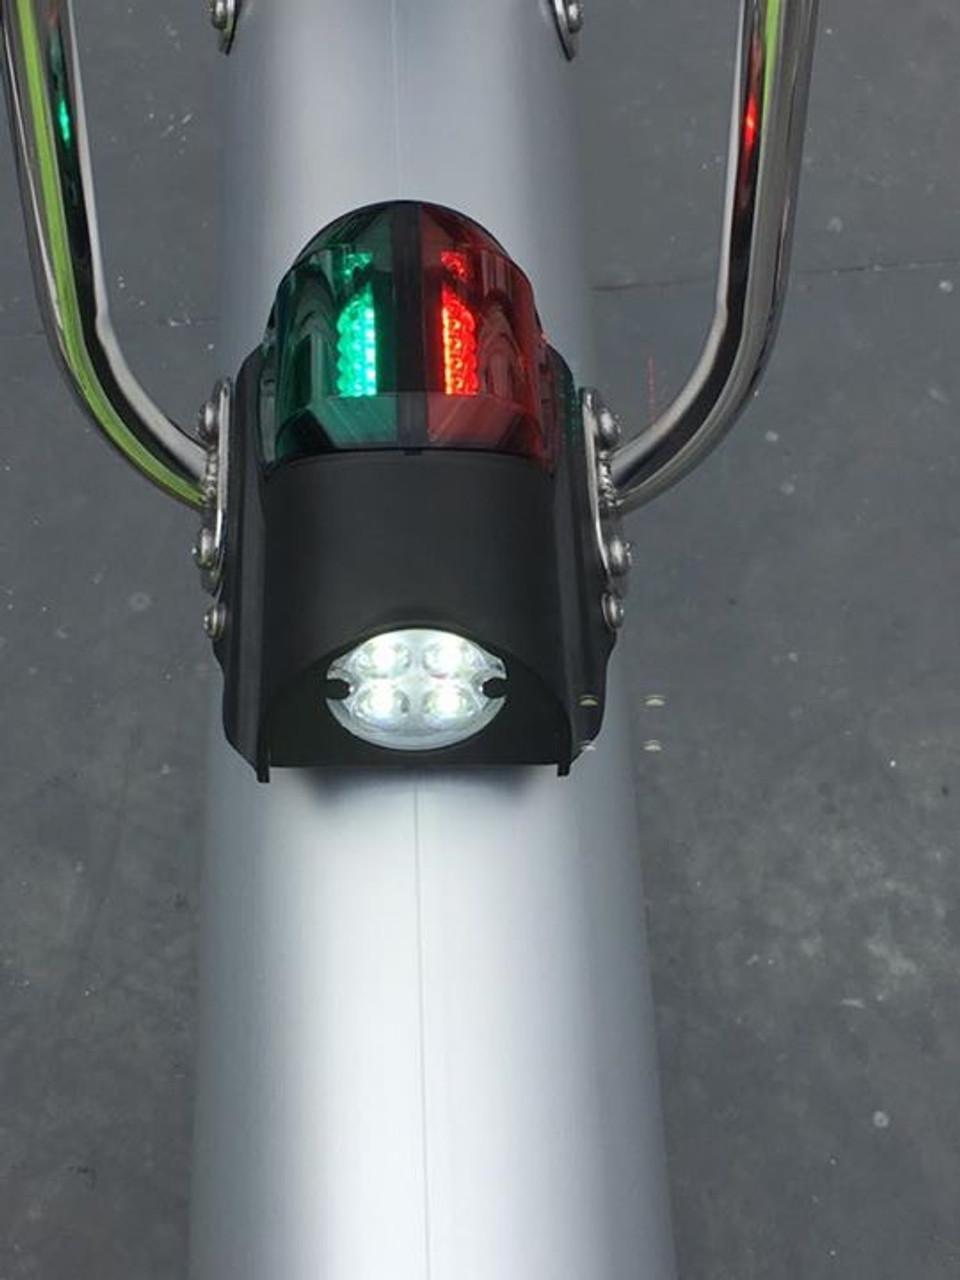 Beneteau combo bi-color deck light